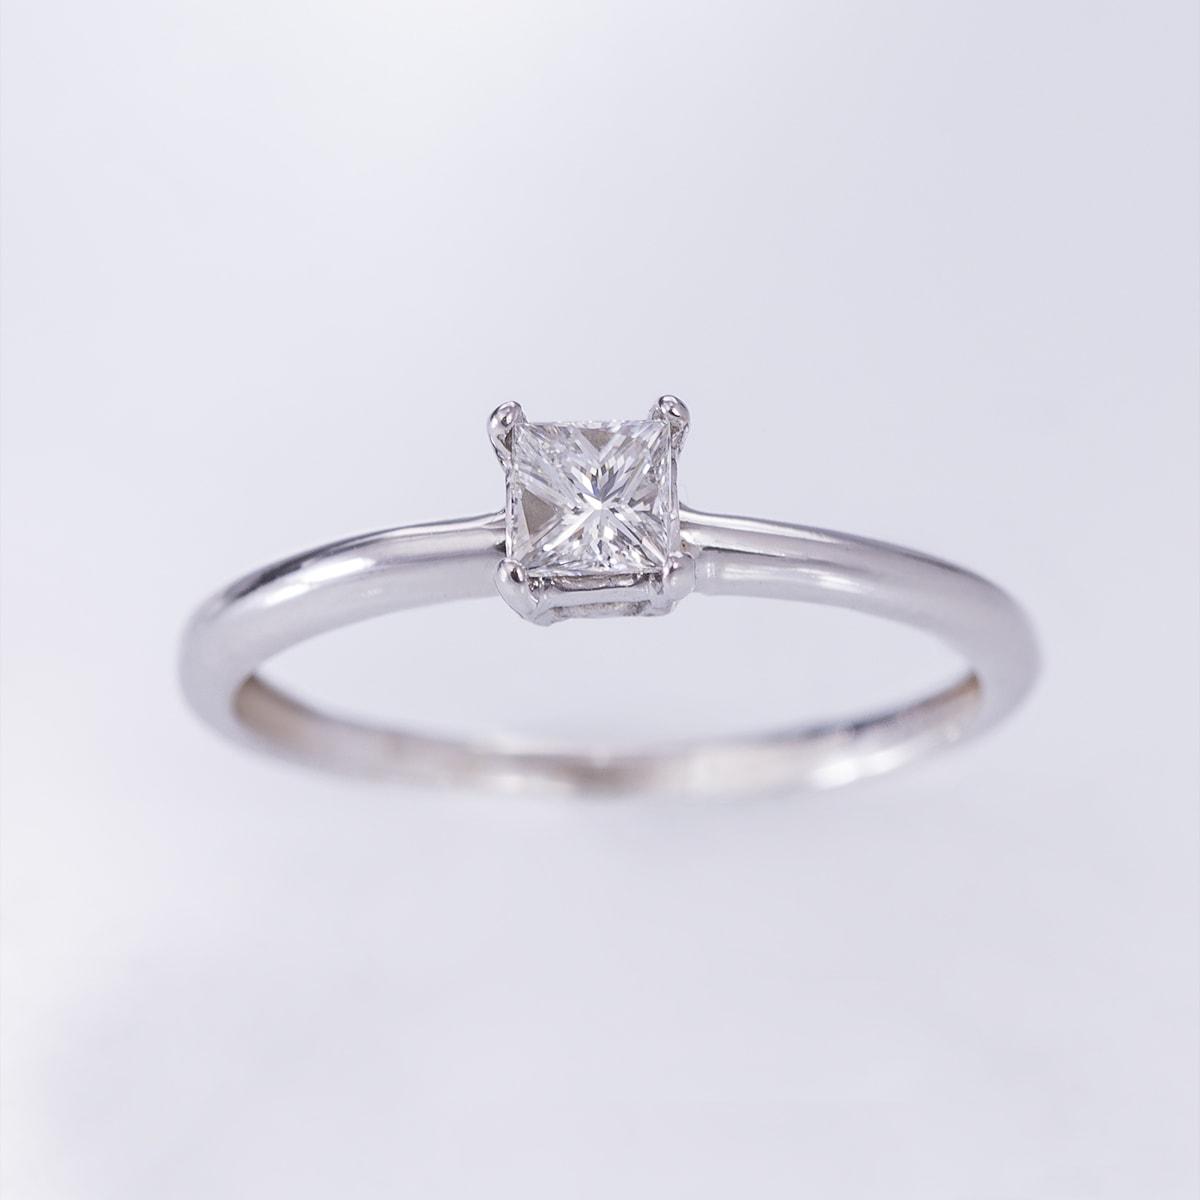 klenota verlobungsring mit einem prinzessin diamant ringe wei gold. Black Bedroom Furniture Sets. Home Design Ideas